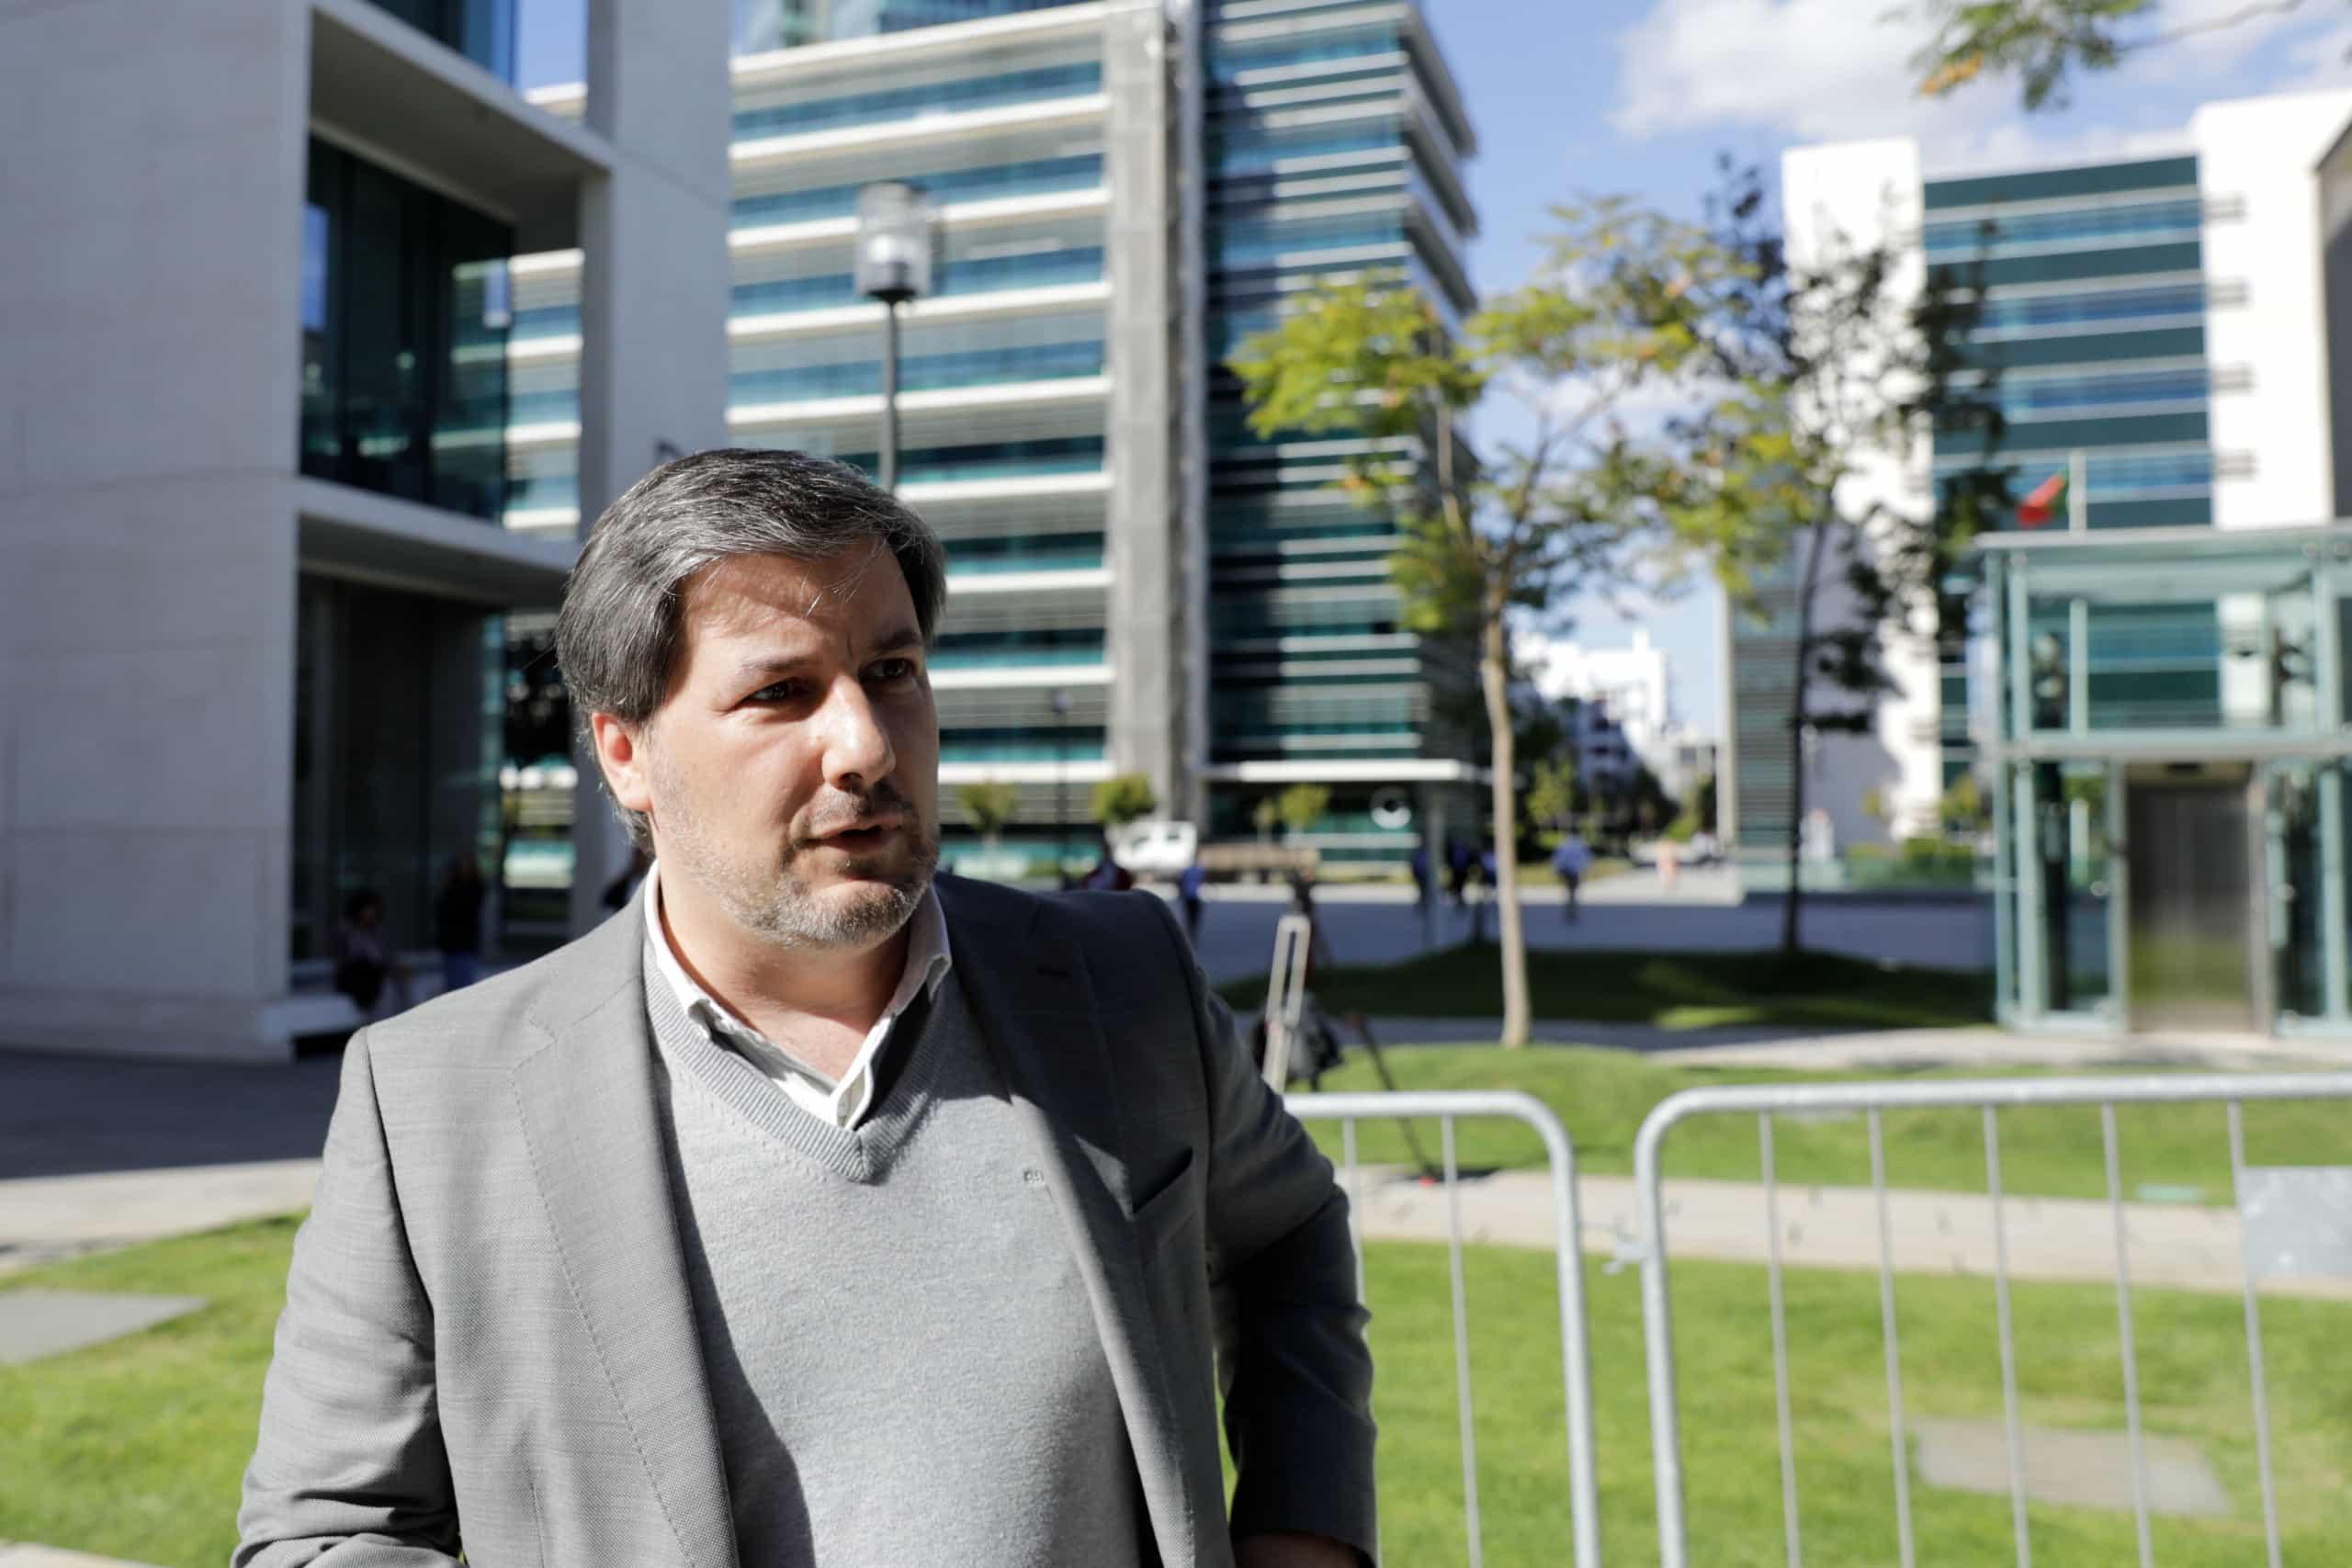 Ataque Academia: Bruno de Carvalho ouvido em tribunal a 14 de maio